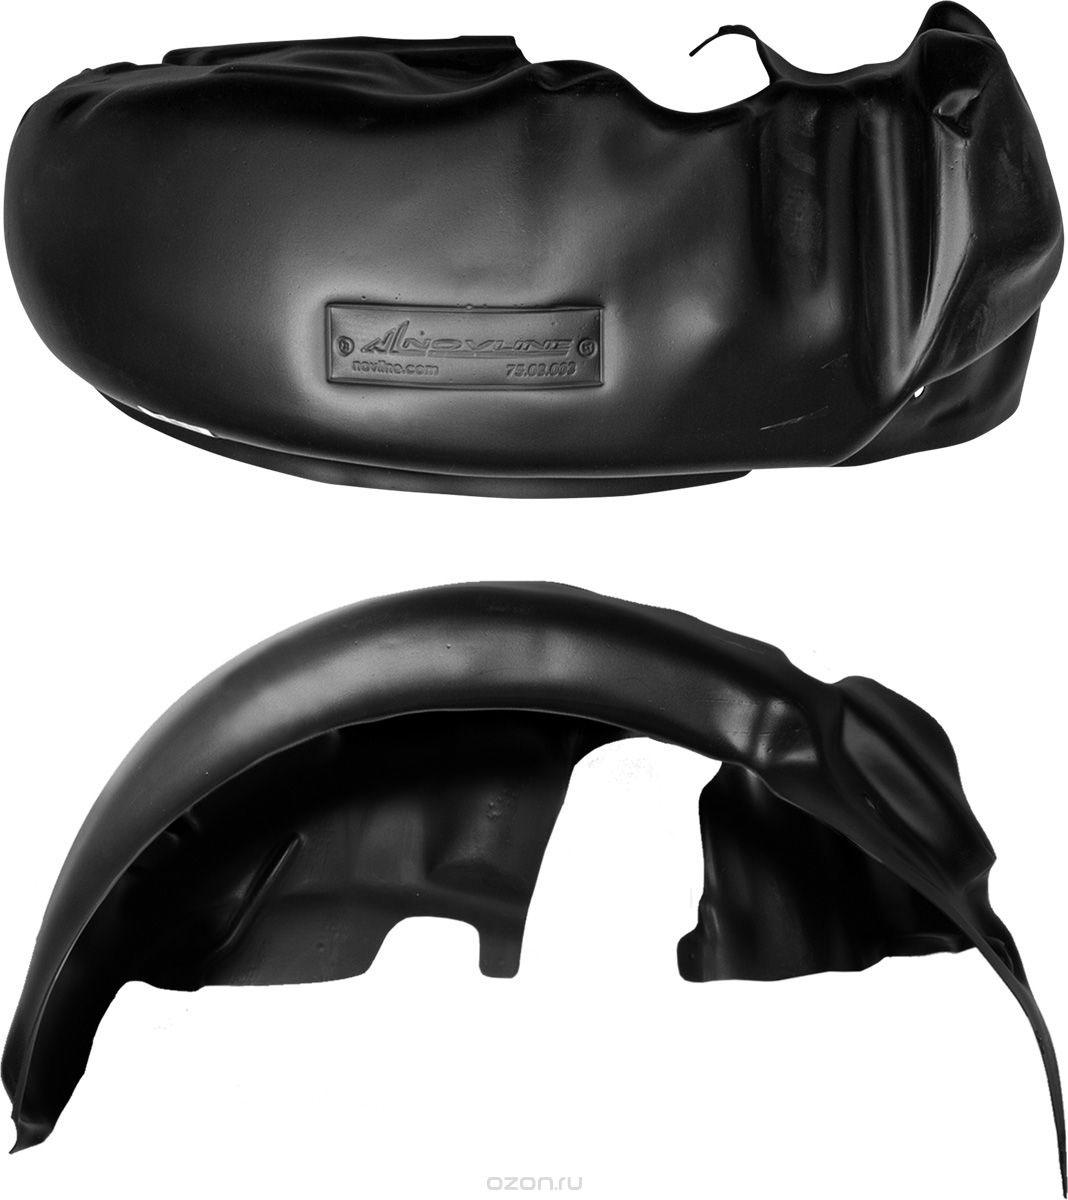 Подкрылок Novline-Autofamily, для Nissan Tiida, 03/2015->, хэтчбек, передний левыйNLL.36.49.001Идеальная защита колесной ниши. Локеры разработаны с применением цифровых технологий, гарантируют максимальную повторяемость поверхности арки. Изделия устанавливаются без нарушения лакокрасочного покрытия автомобиля, каждый подкрылок комплектуется крепежом. Уважаемые клиенты, обращаем ваше внимание, что фотографии на подкрылки универсальные и не отражают реальную форму изделия. При этом само изделие идет точно под размер указанного автомобиля.